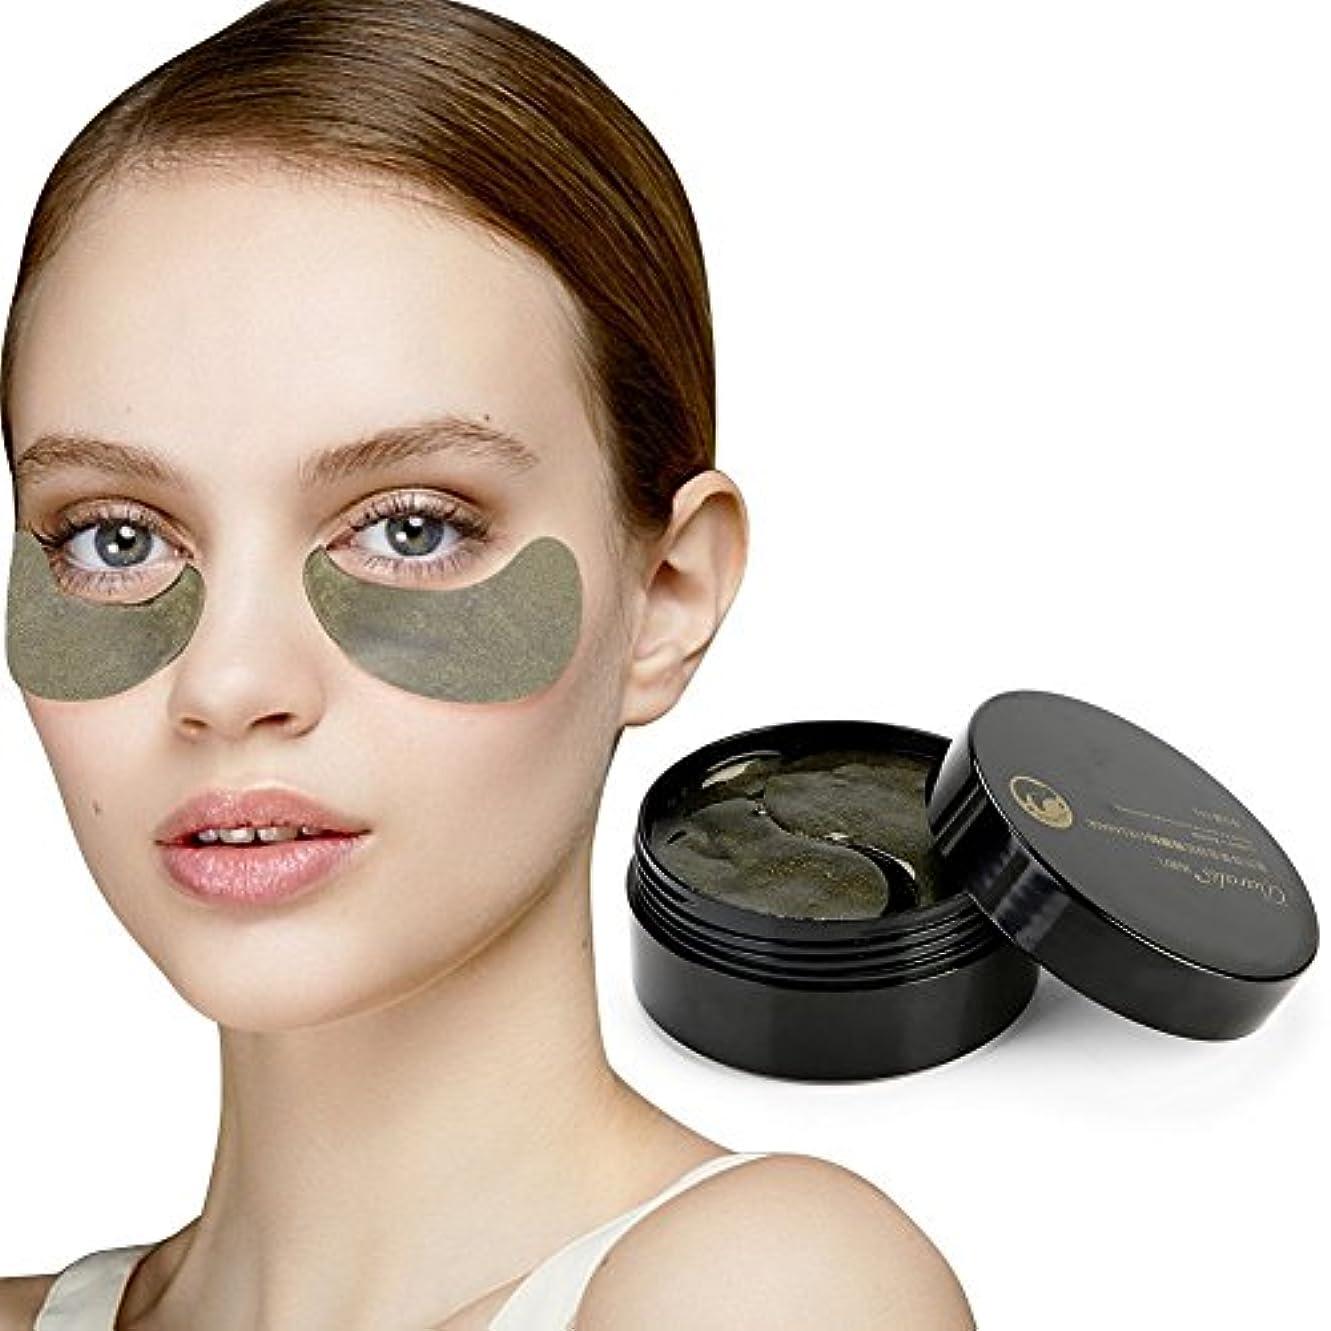 法的効能天使コラーゲンアイマスク、アンダーアイリンクルを解消するためのヒアルロン酸モイスチャライザー、アンチエイジング、女性用ギフト